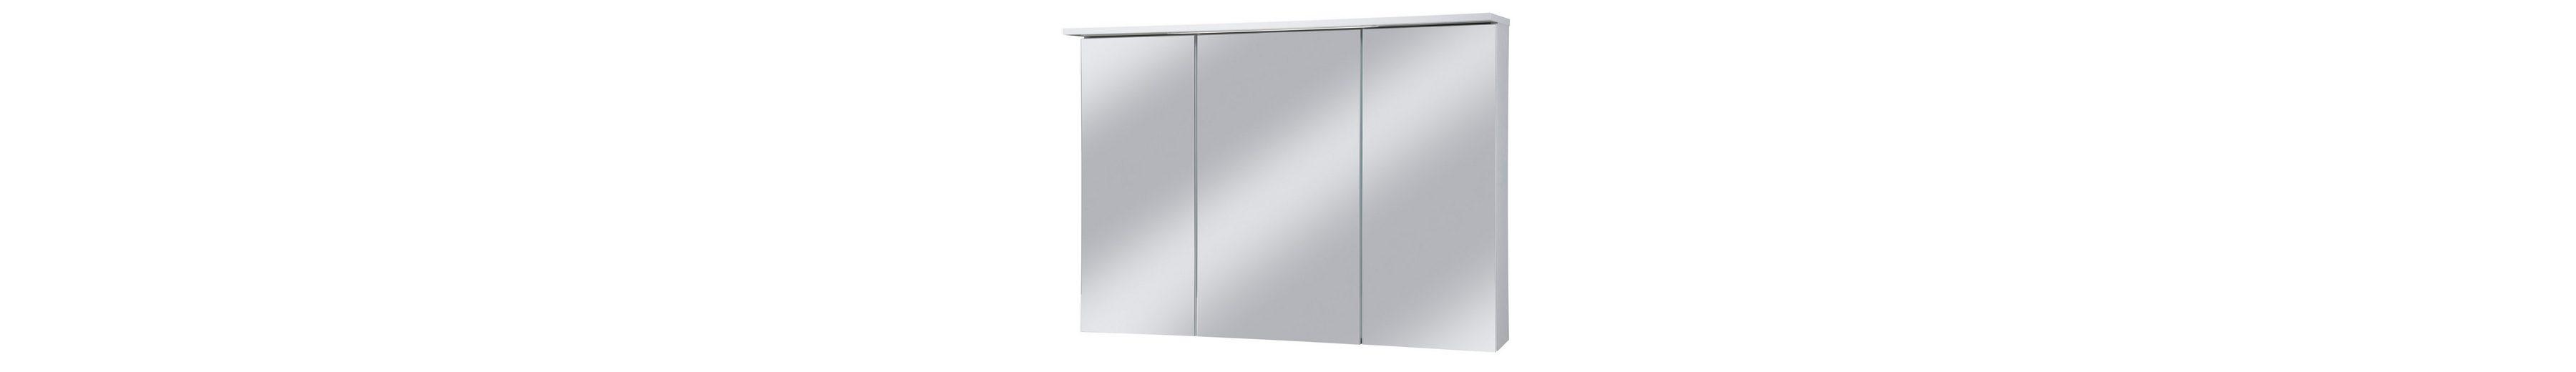 Spiegelschrank »Profil« Breite 100 cm, mit LED-Beleuchtung